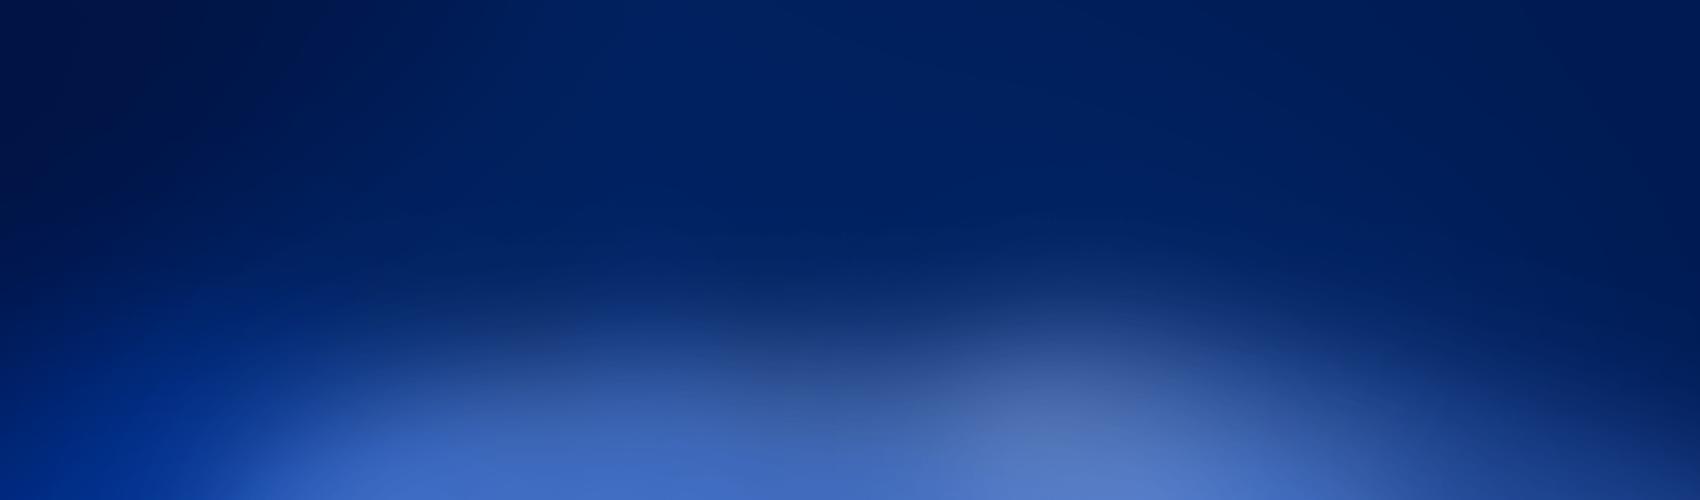 baner-1_фон2